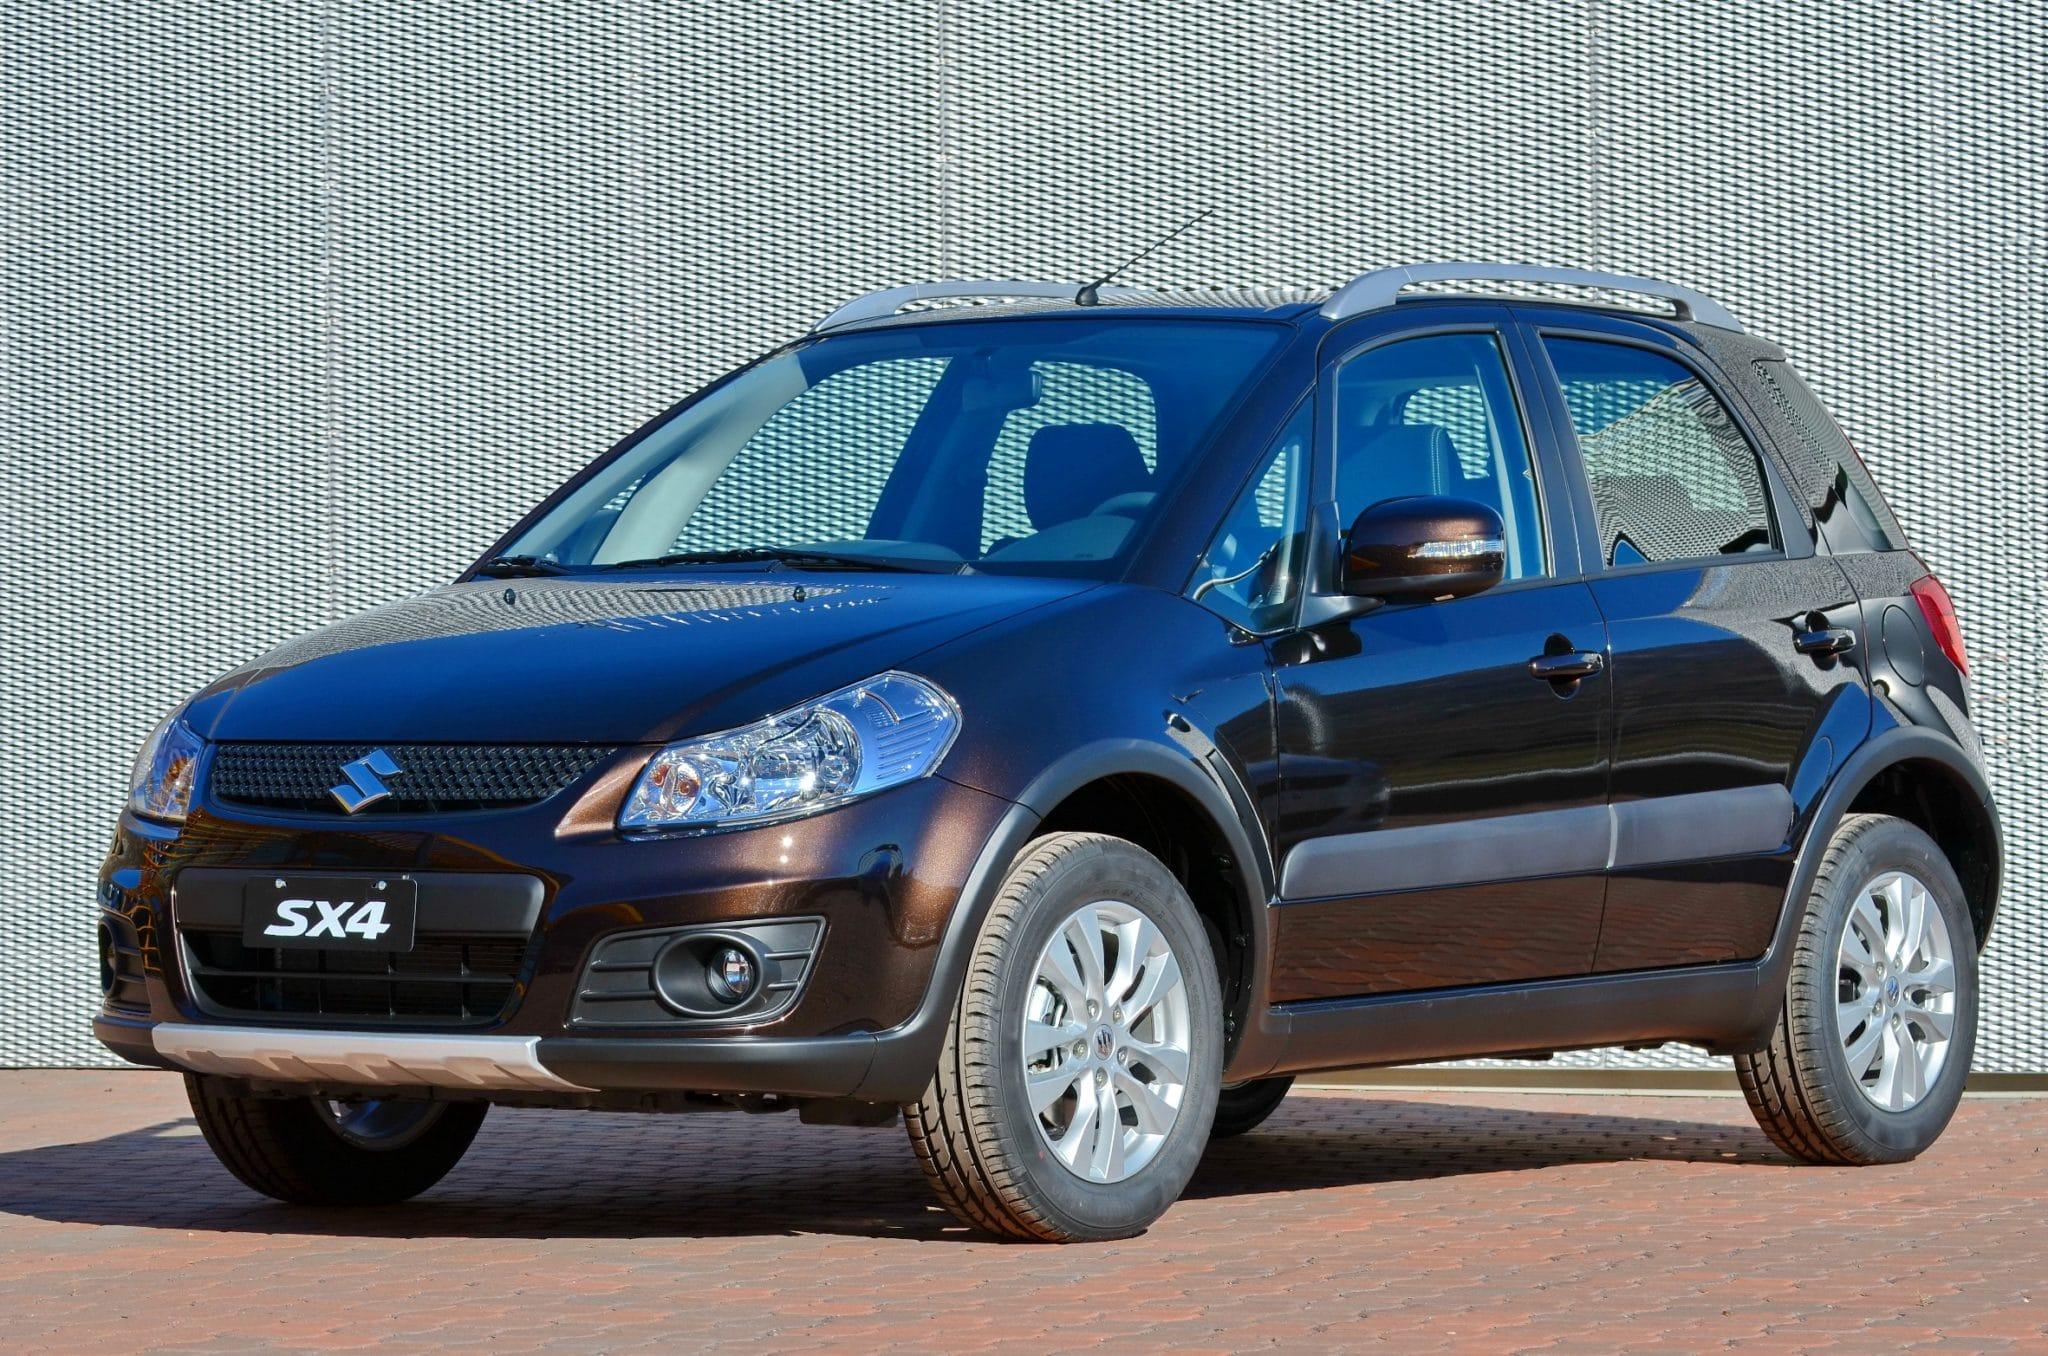 Suzuki SX4 Evolution: una nuova versione dal design ricercato del SUV compatto di casa Suzuki